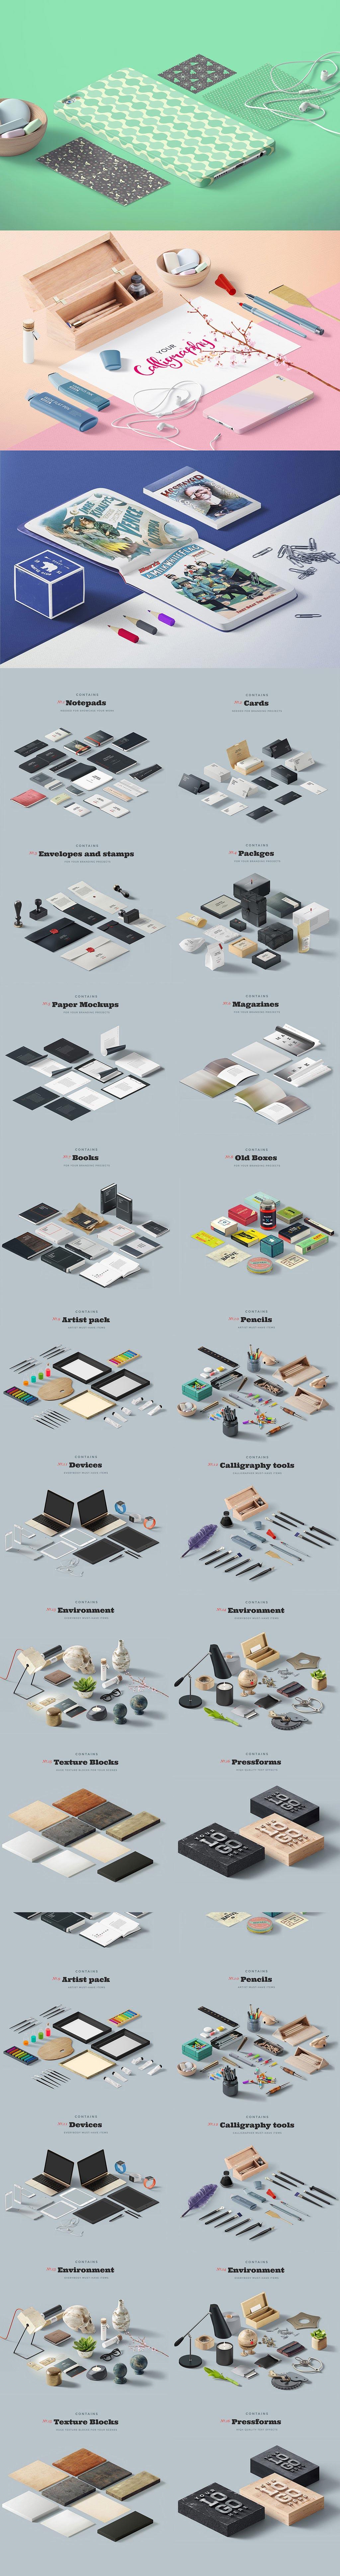 高品质的VI设计展示模型MOCKUP套装下载(PSD,10GB,完整版)